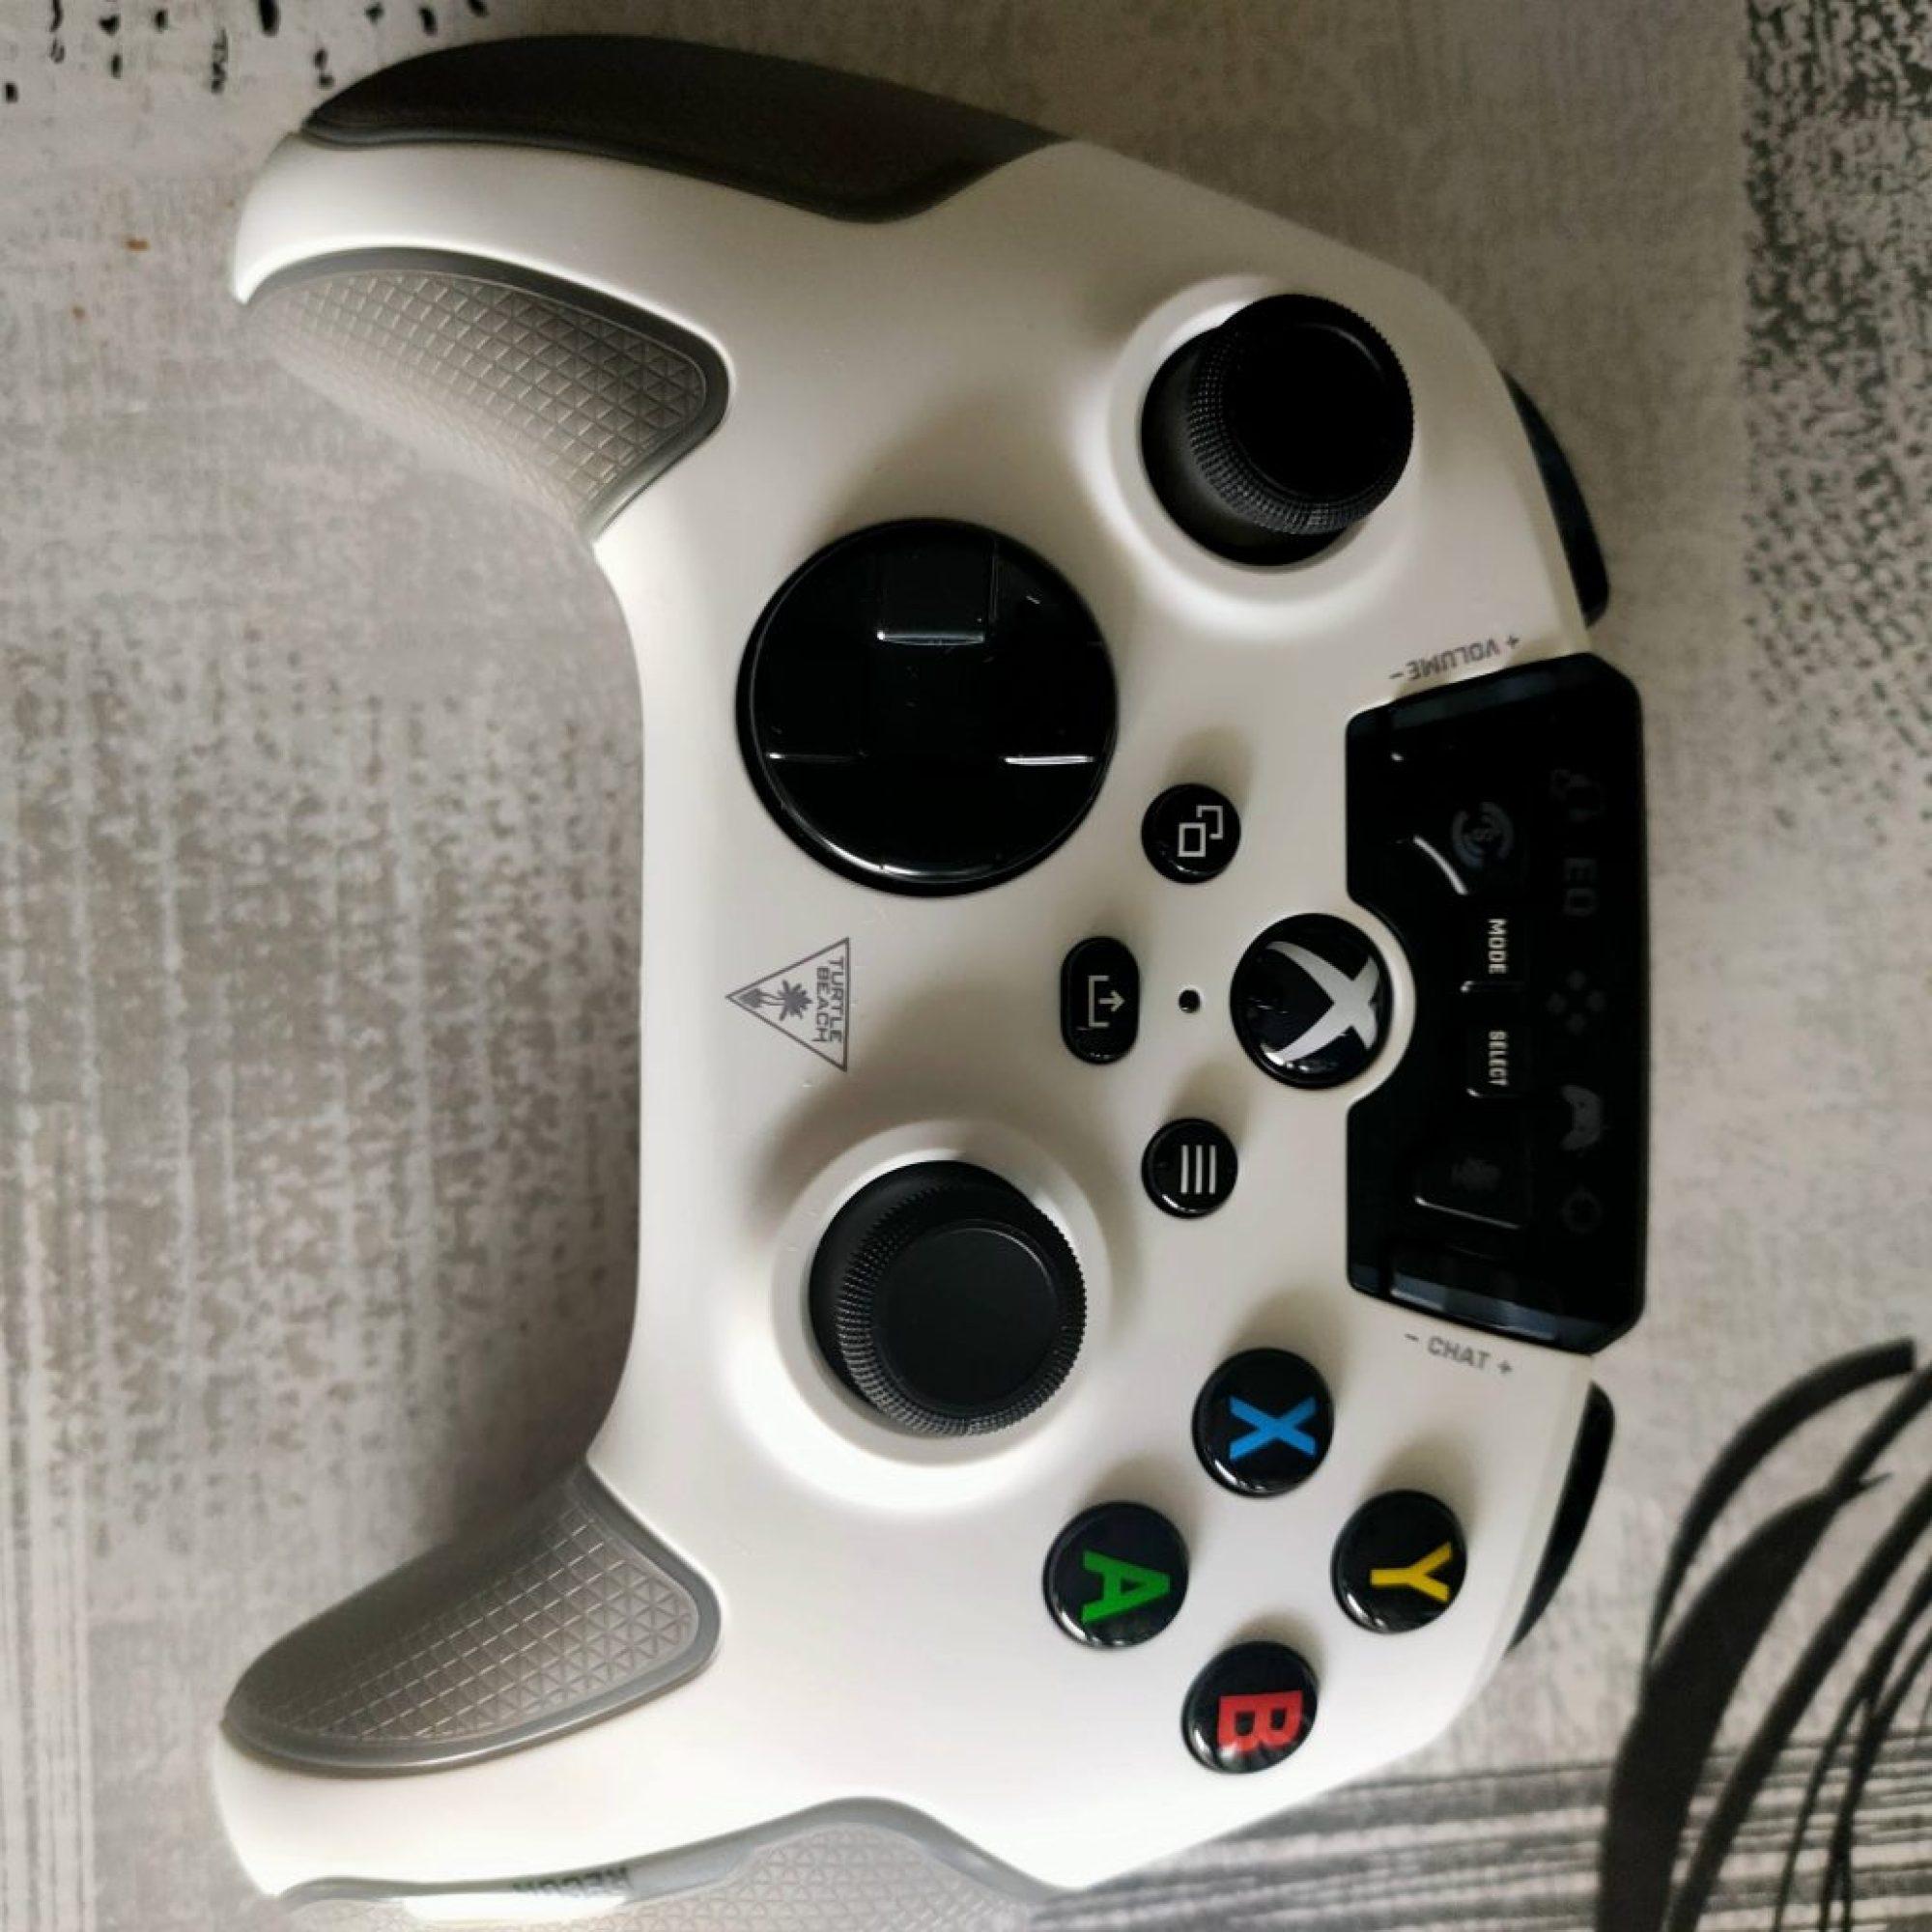 IMG20210902083758-1024x1024 Présentation de la manette Recon Controller de Turtle beach pour Xbox !